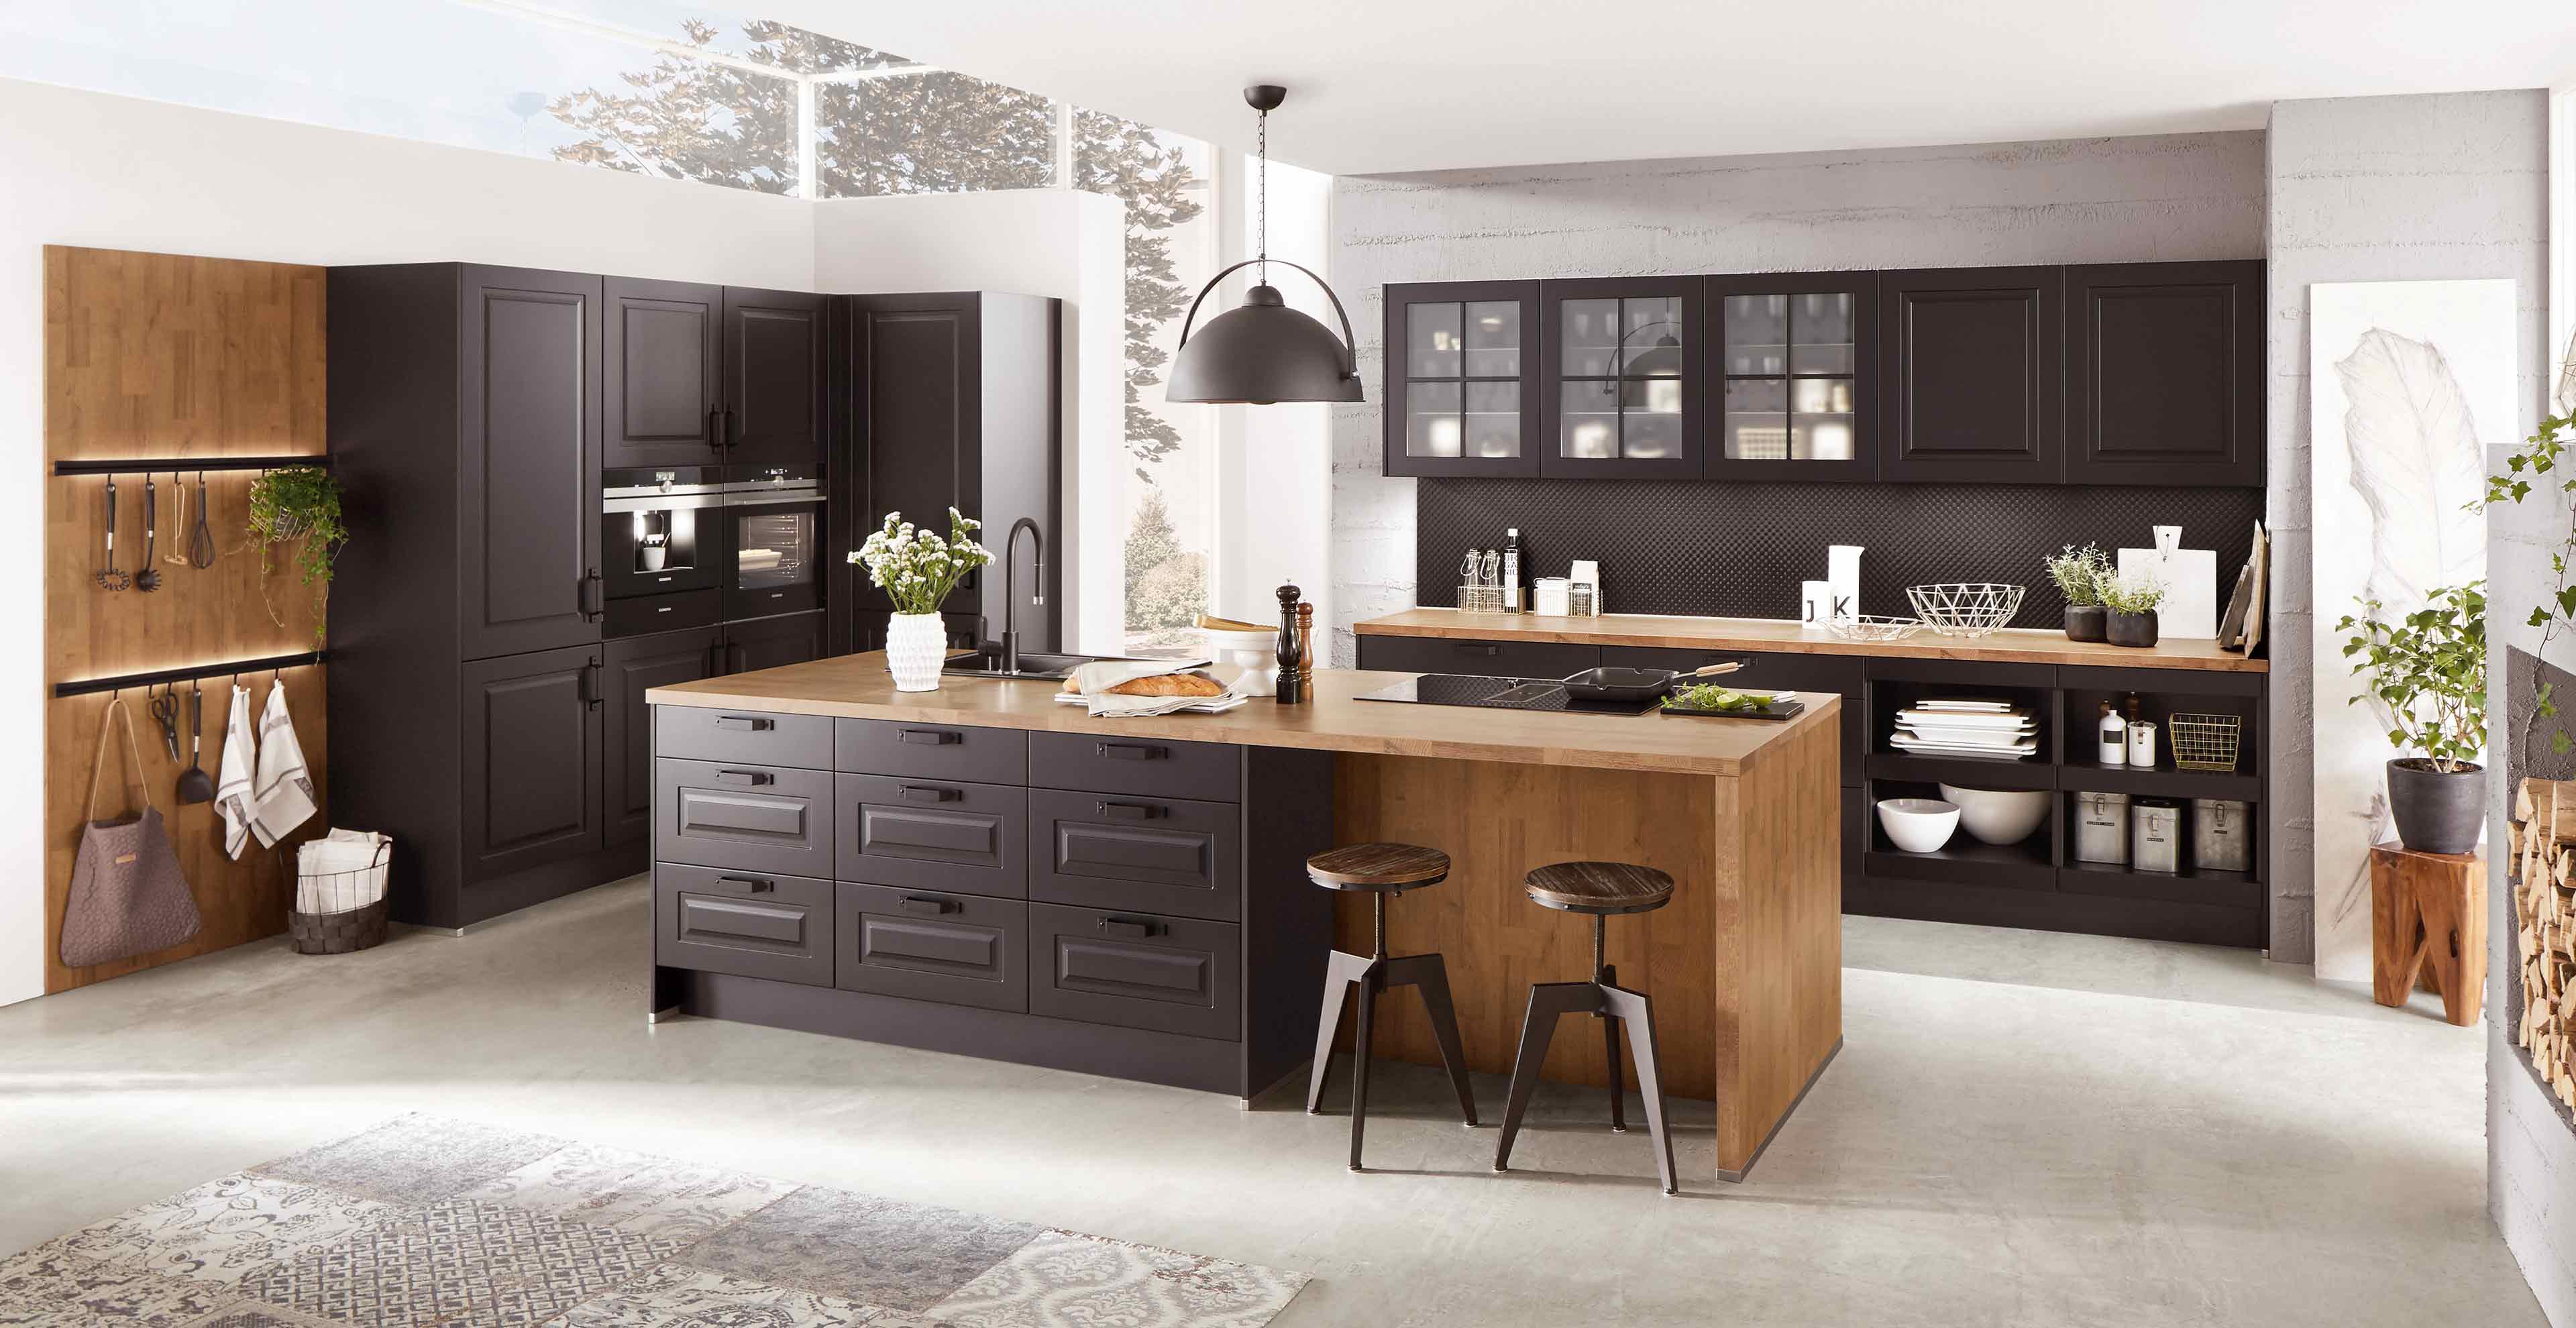 Charmante Landhausküche mit Holz